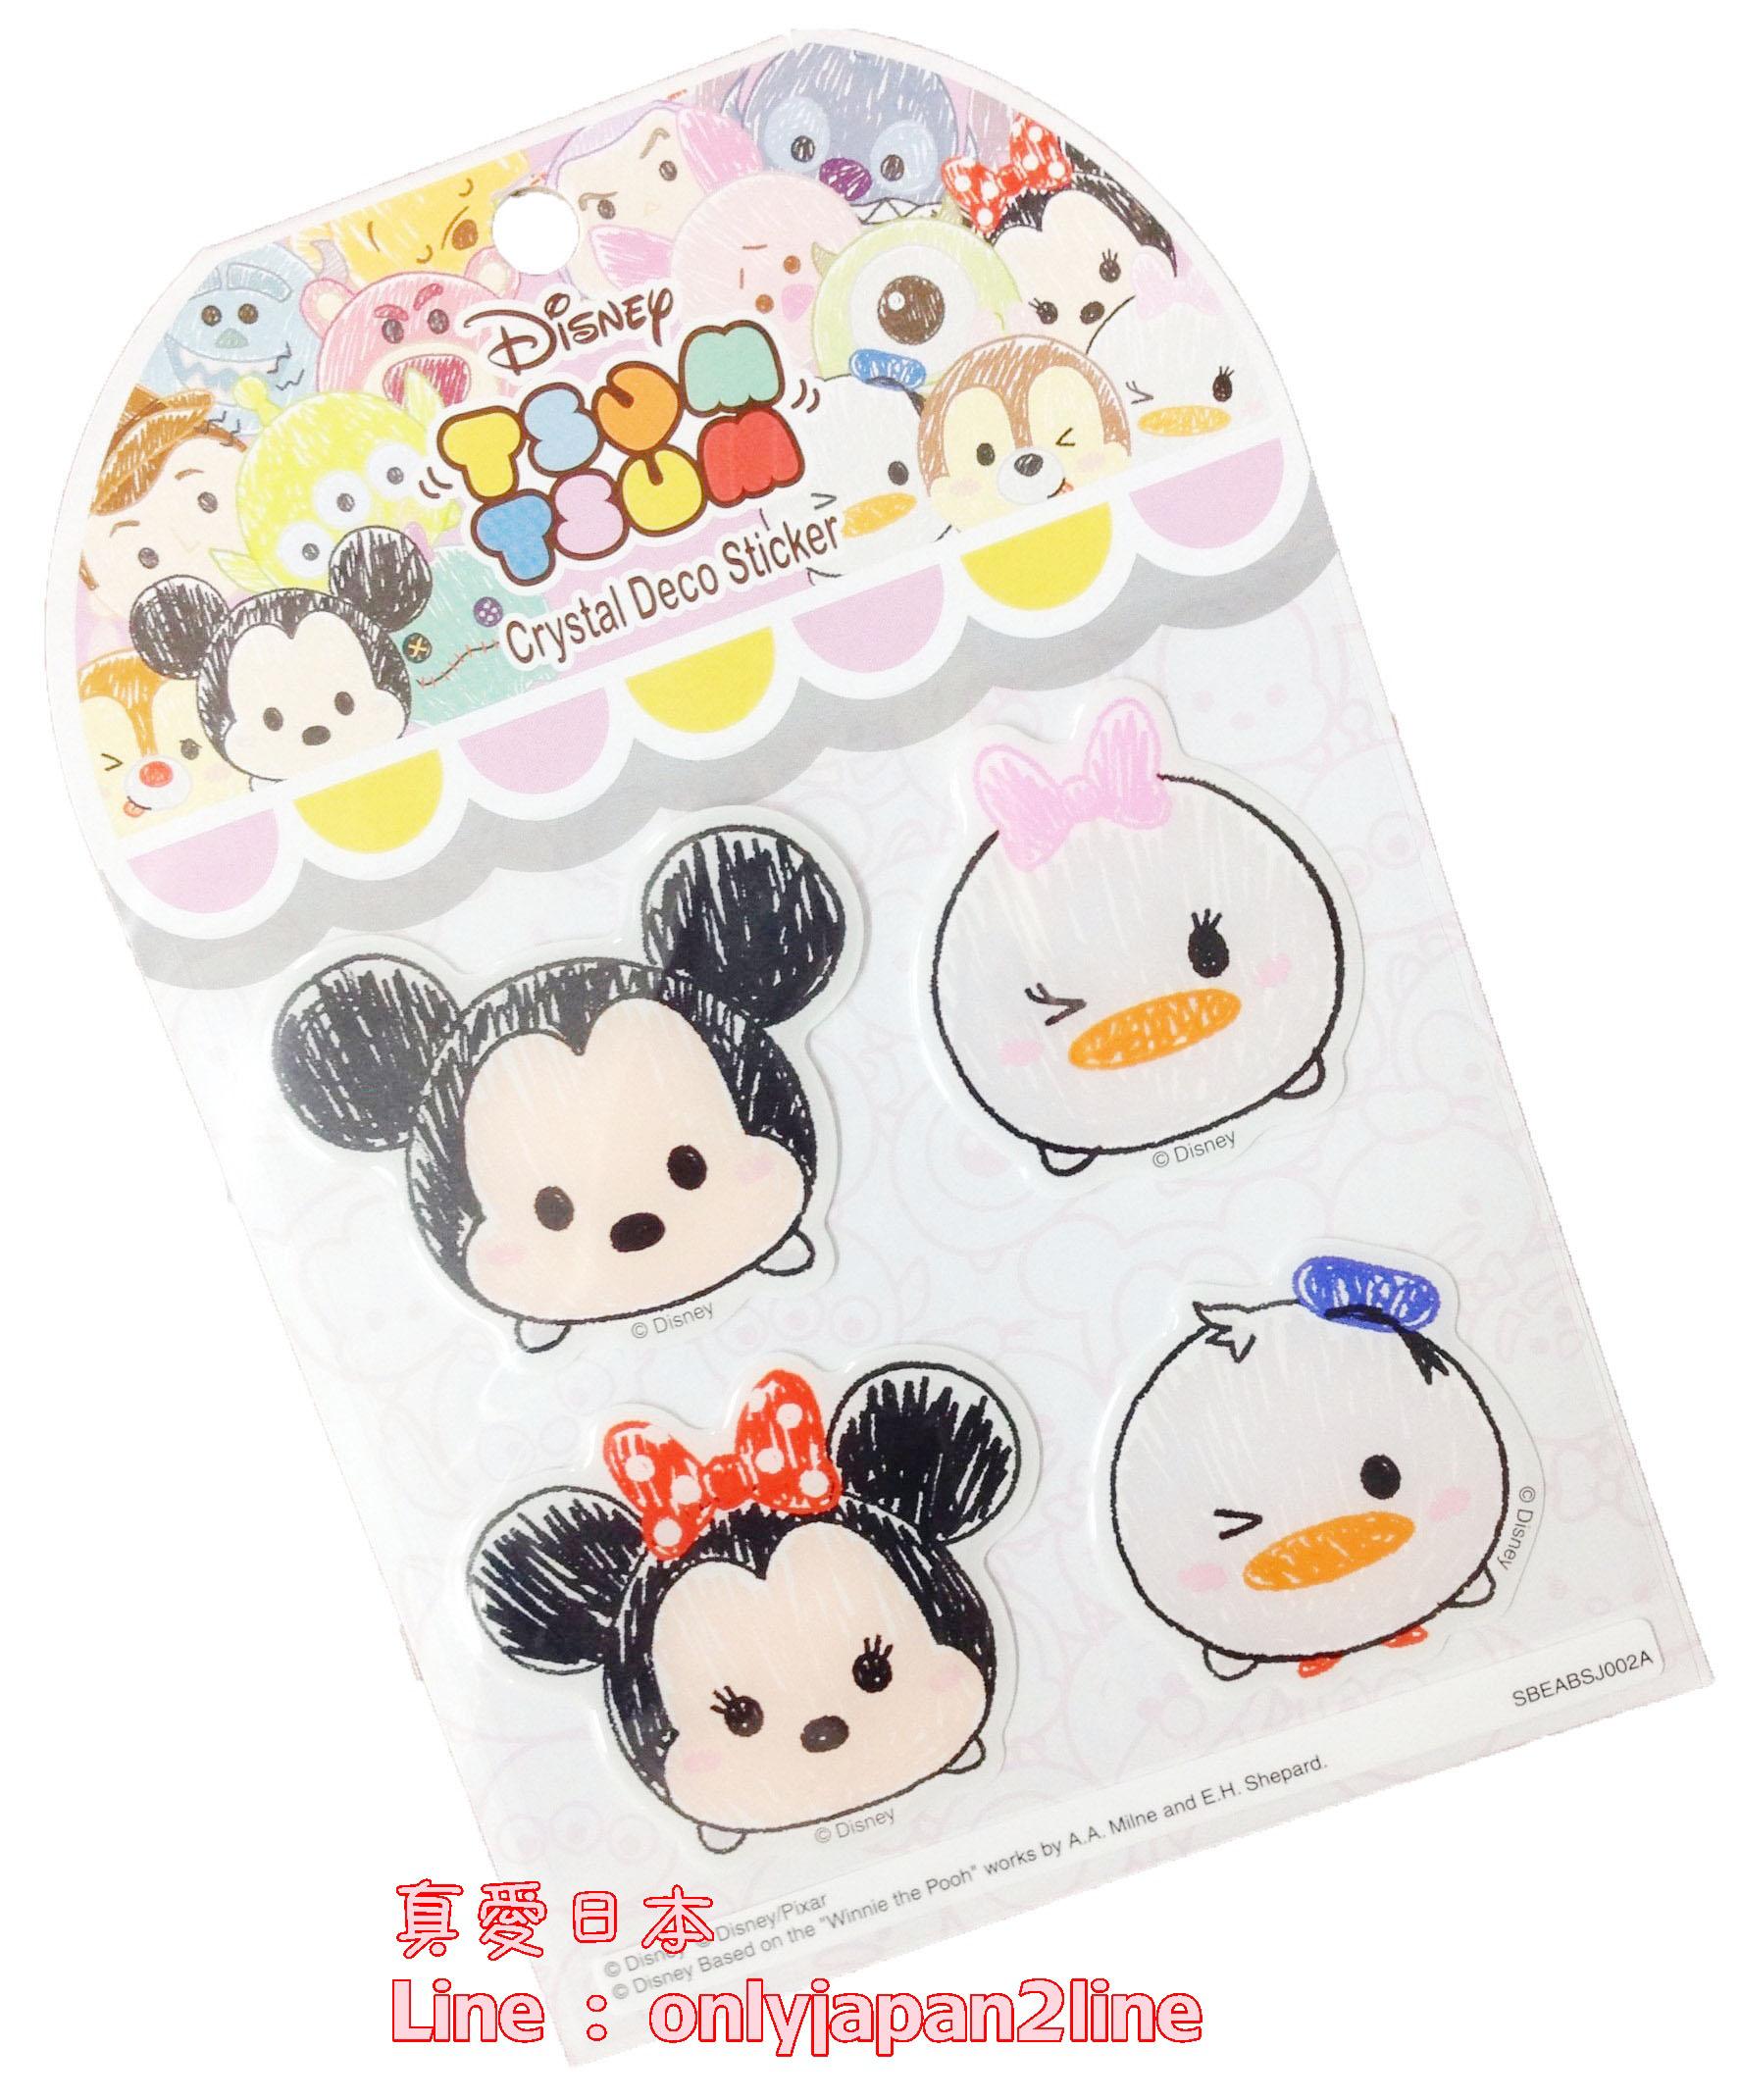 【真愛日本】16053100007水晶浮雕貼-畫筆MK家族    迪士尼 米老鼠米奇 米妮 正品  貼紙